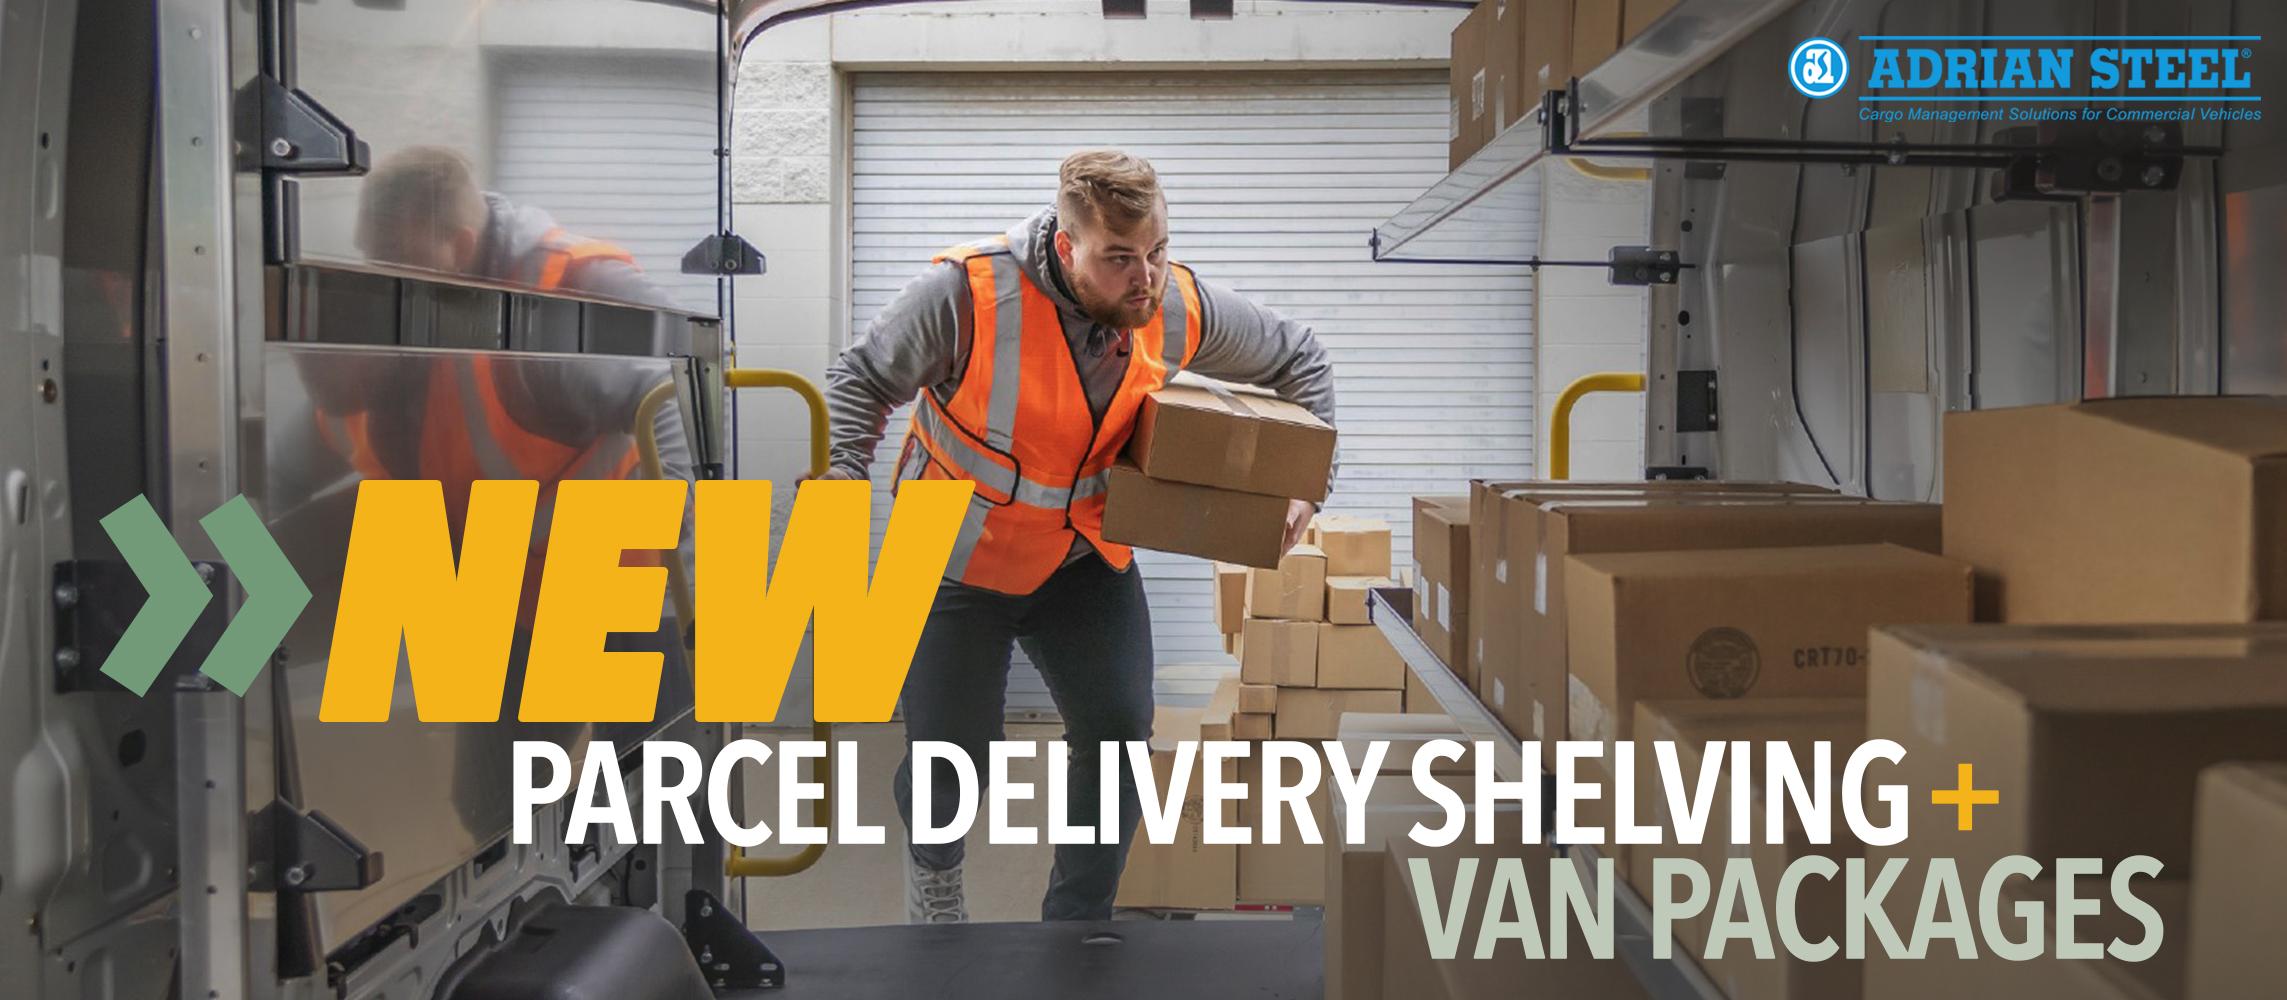 adrian-parcel-package-2020.jpg